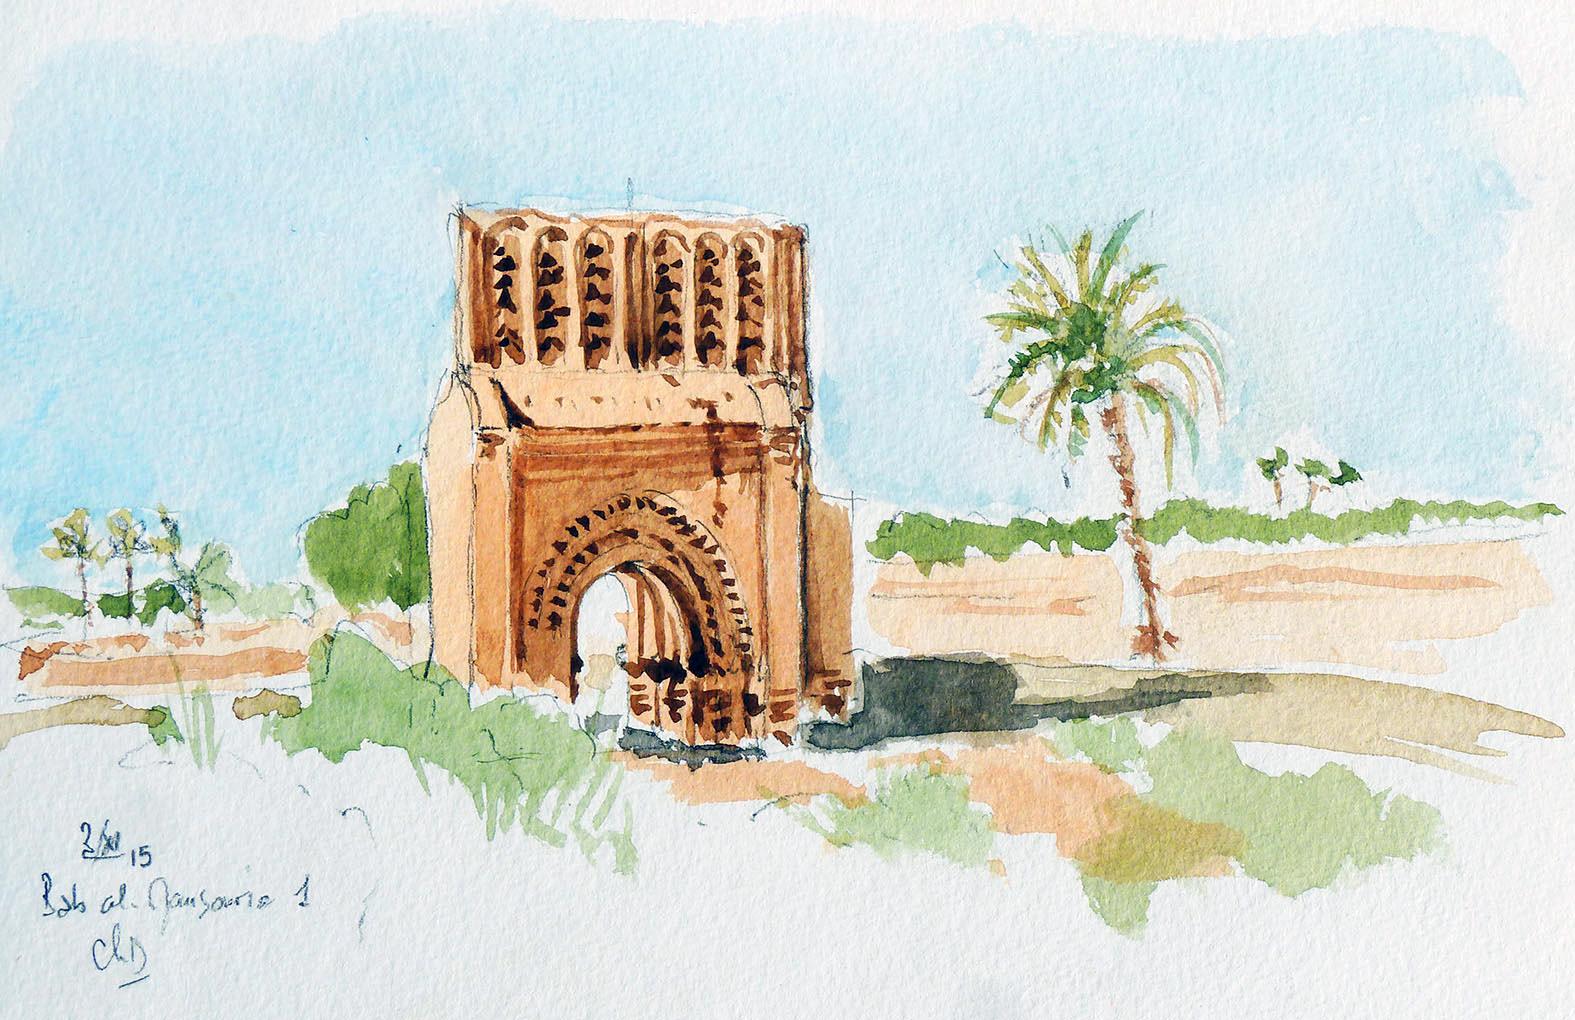 La porte Bab al-Mansuriya à Rissani - Maroc